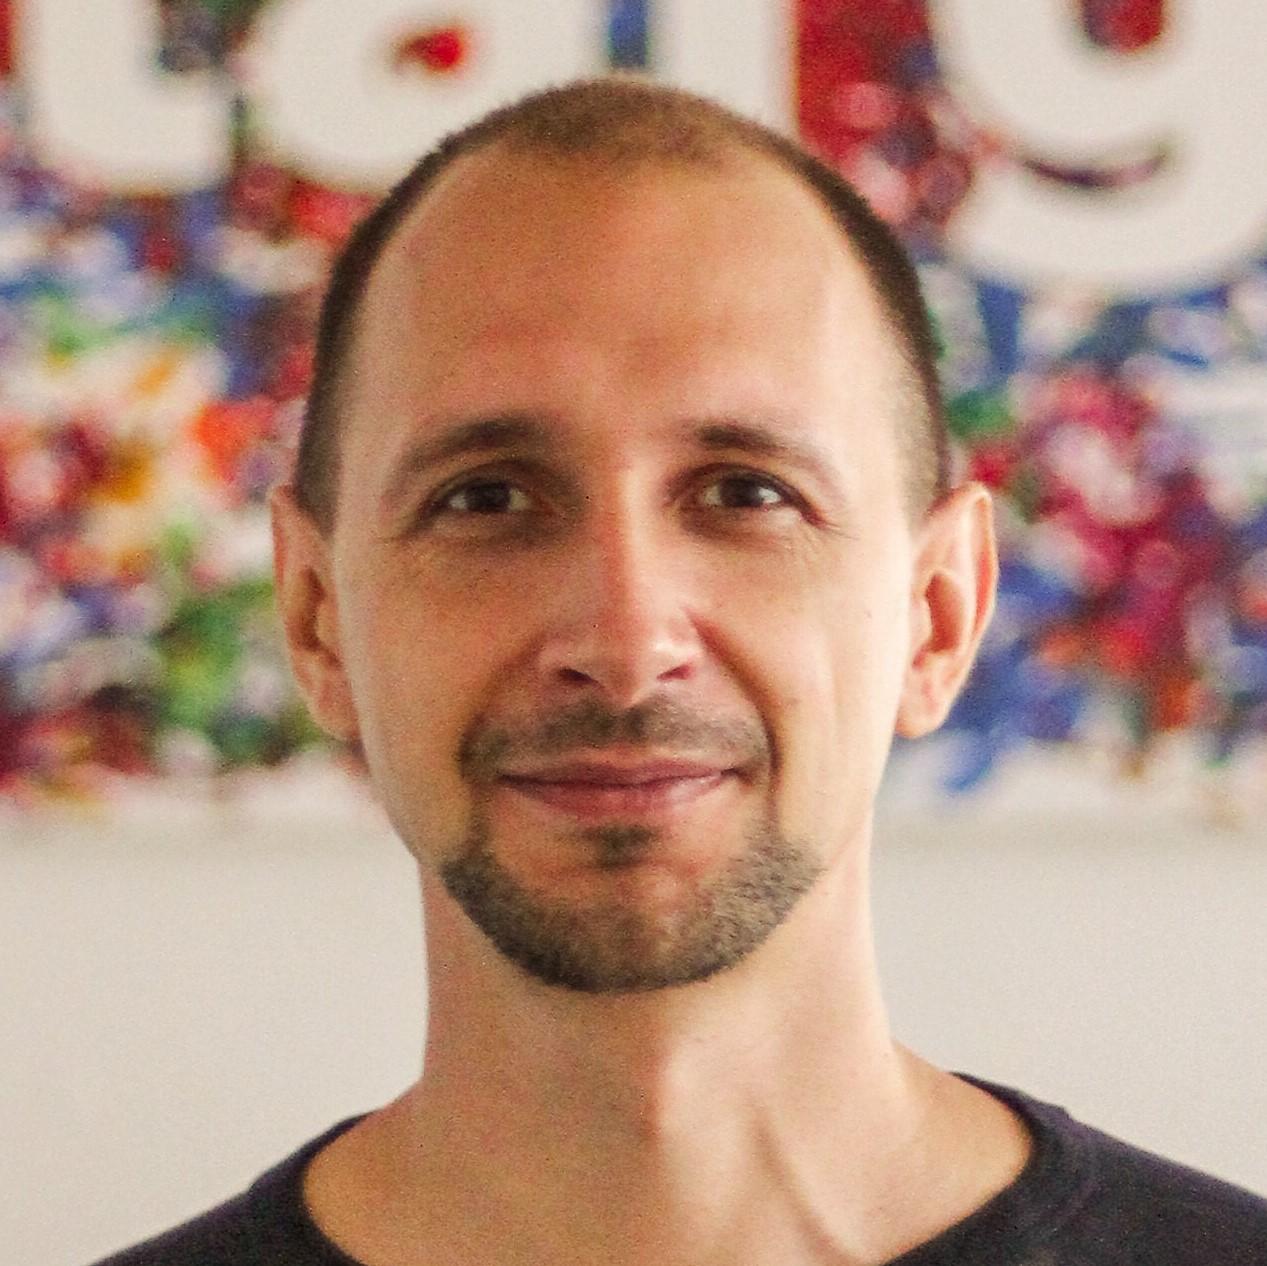 OntargIT_expert_Dmytro_Chastkov